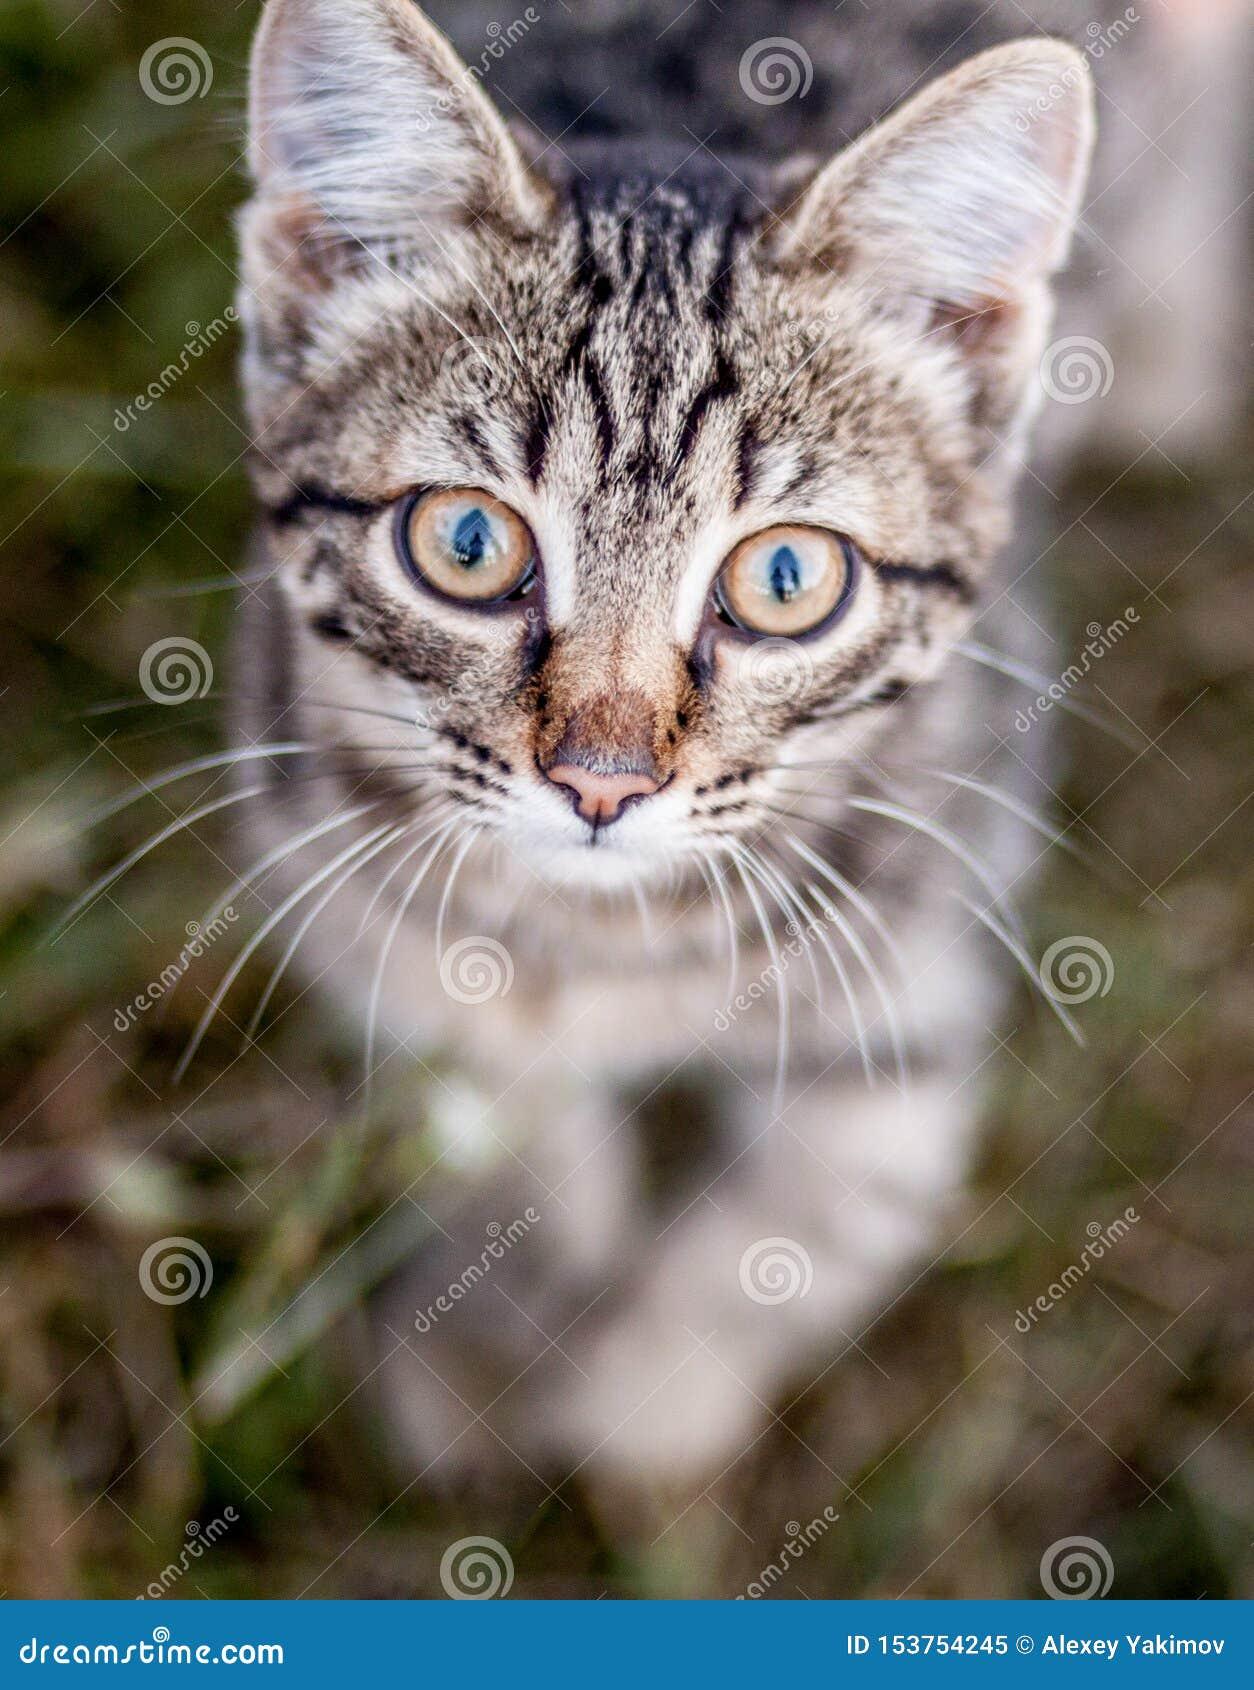 Mündung mit großen Augen einer kleinen braunen Katzennahaufnahme